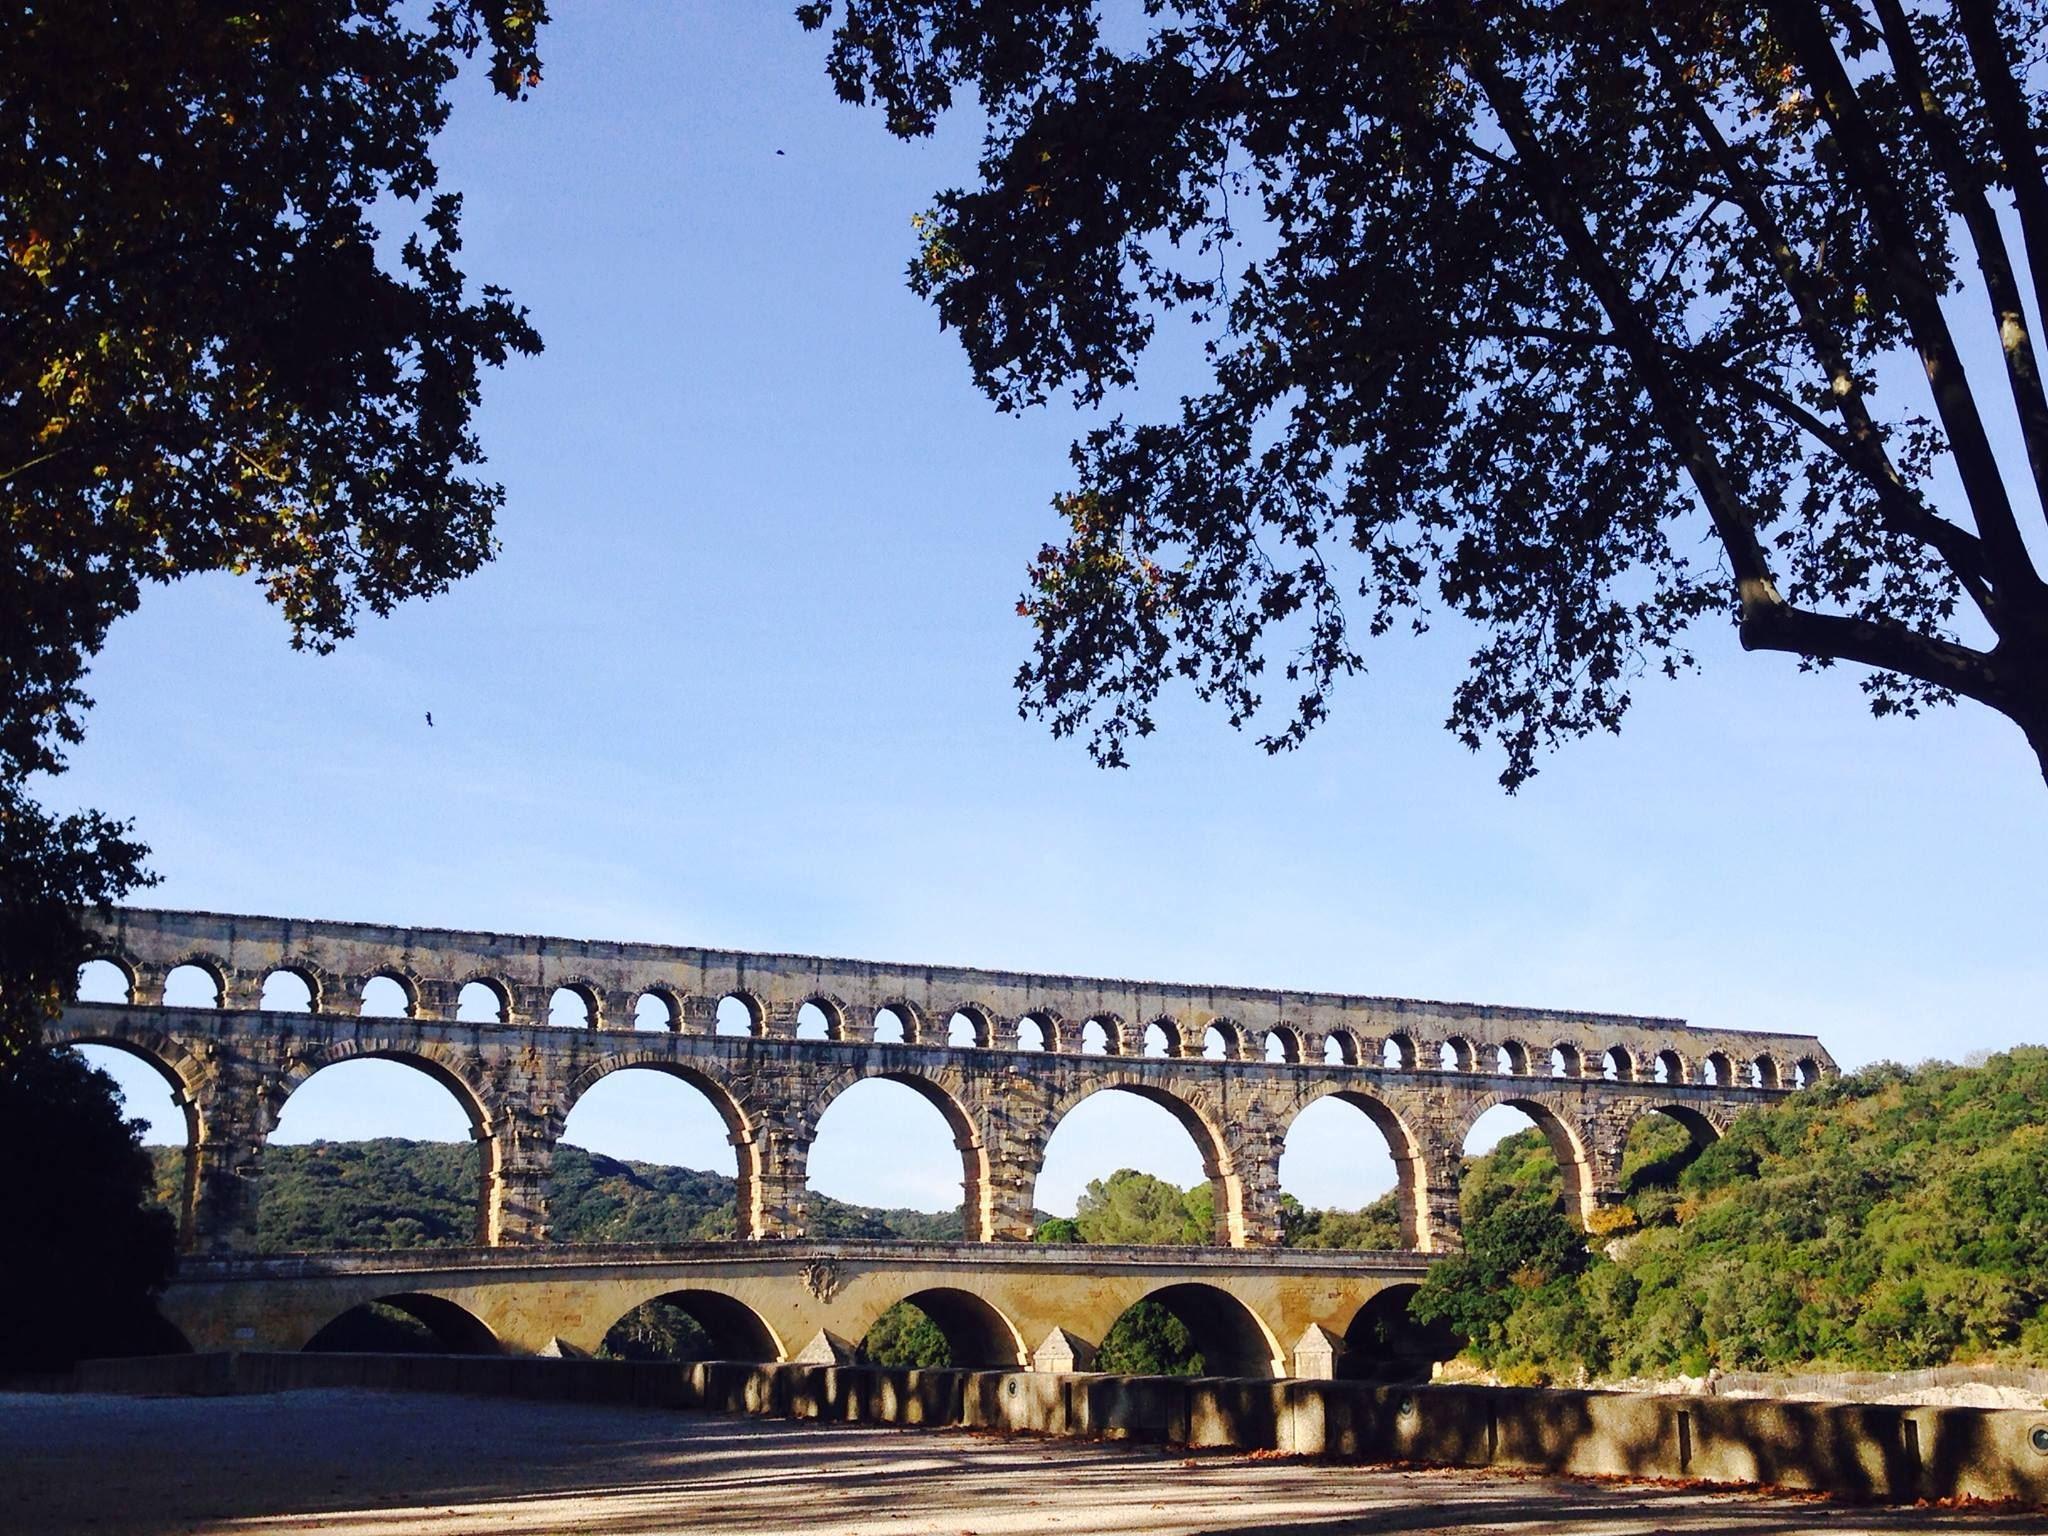 Pont du Gard/Arles/Les Baux de Provence(stop at A.O.C olive oil mill)/St Rémy de Provence+market